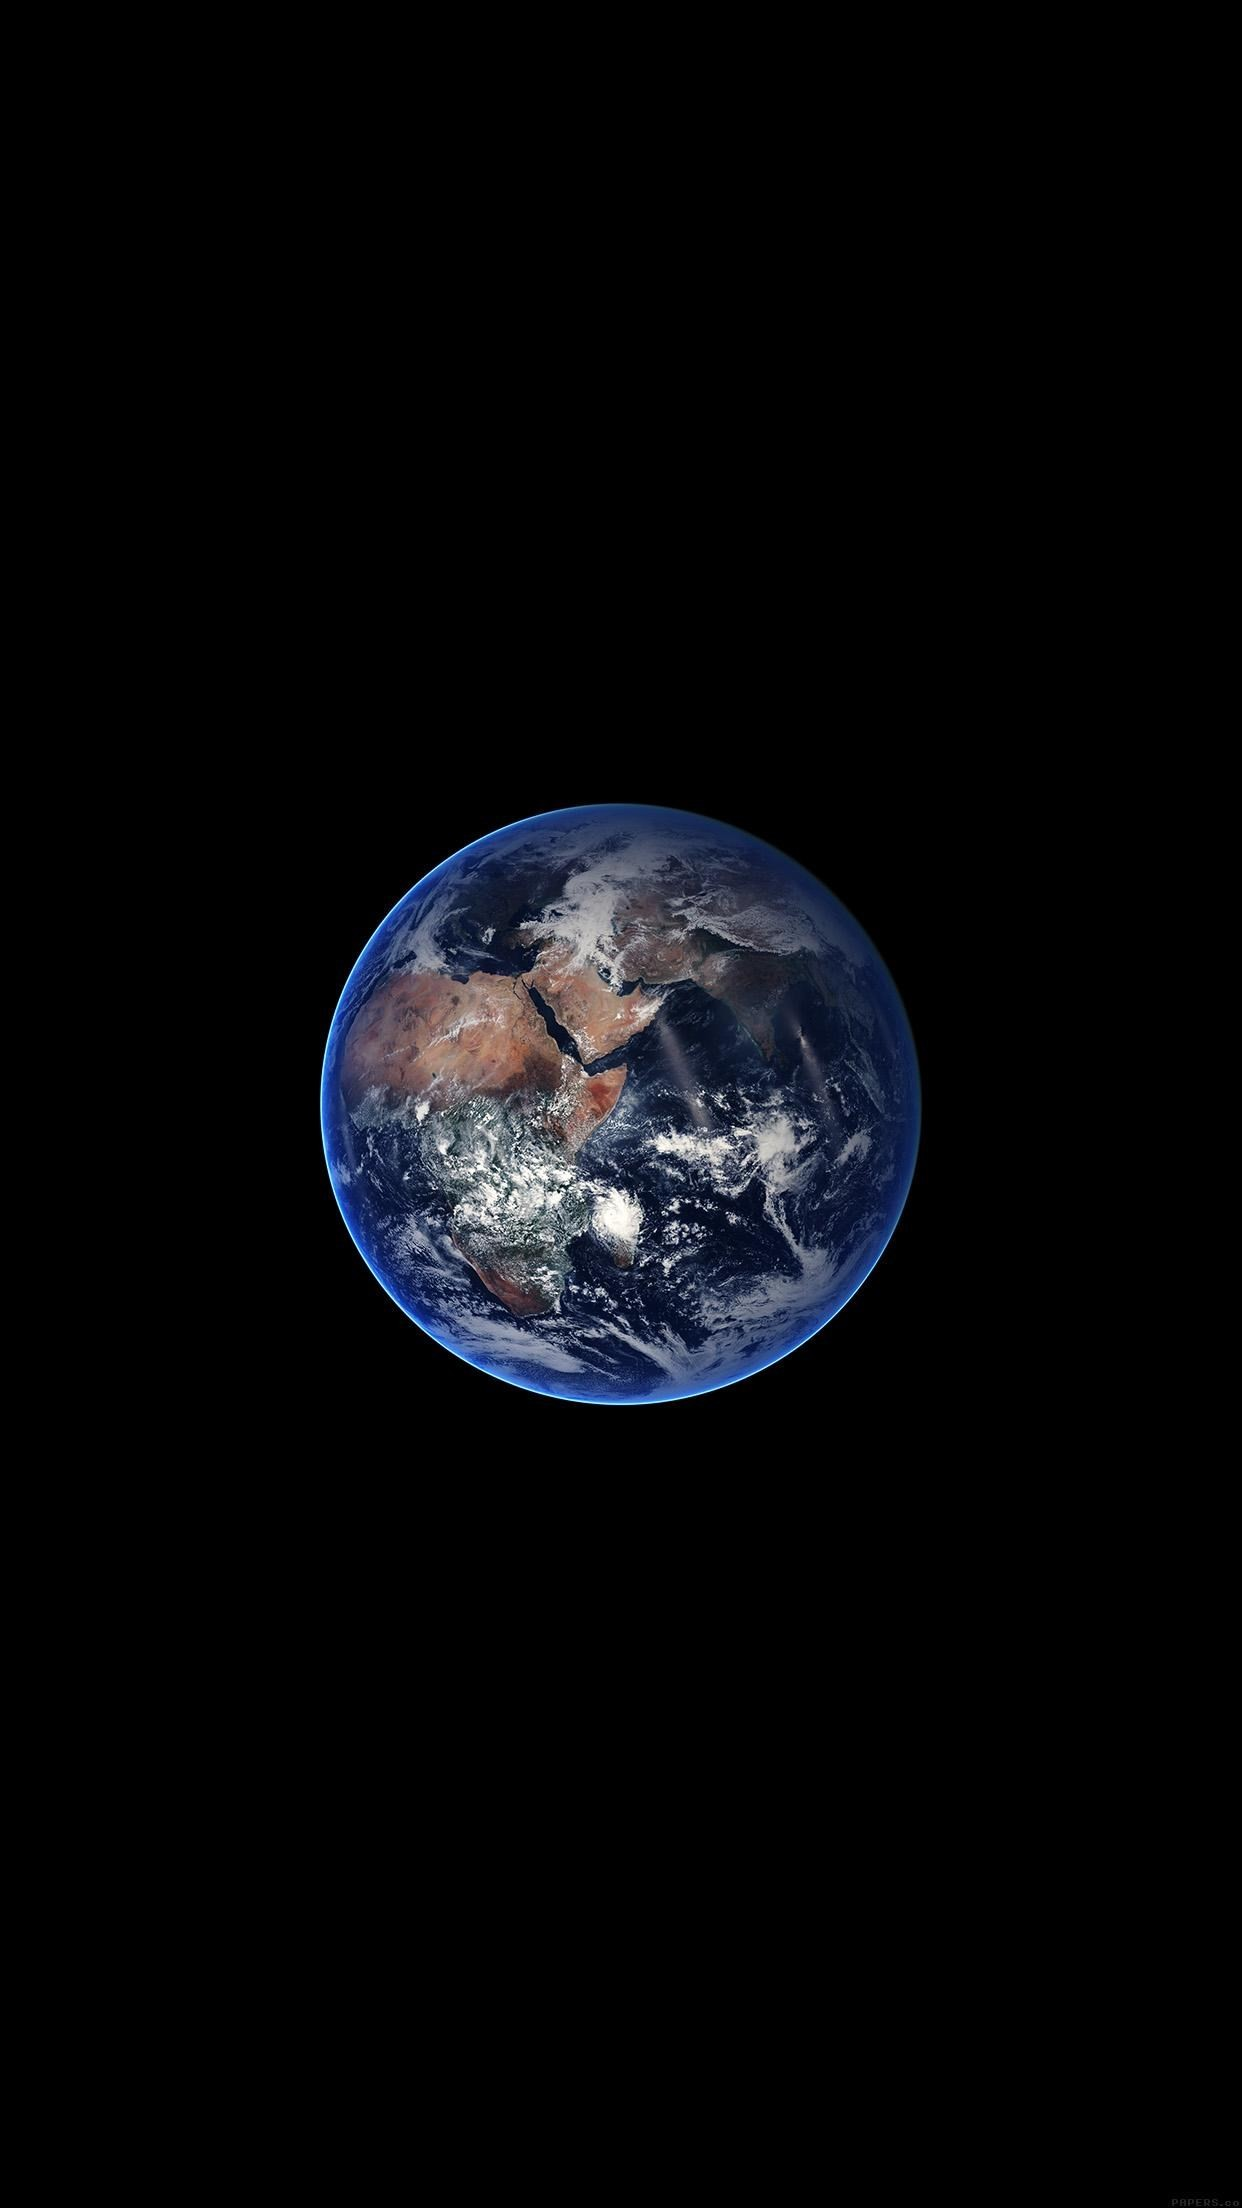 Original Iphone Earth Wallpaper 74 Images